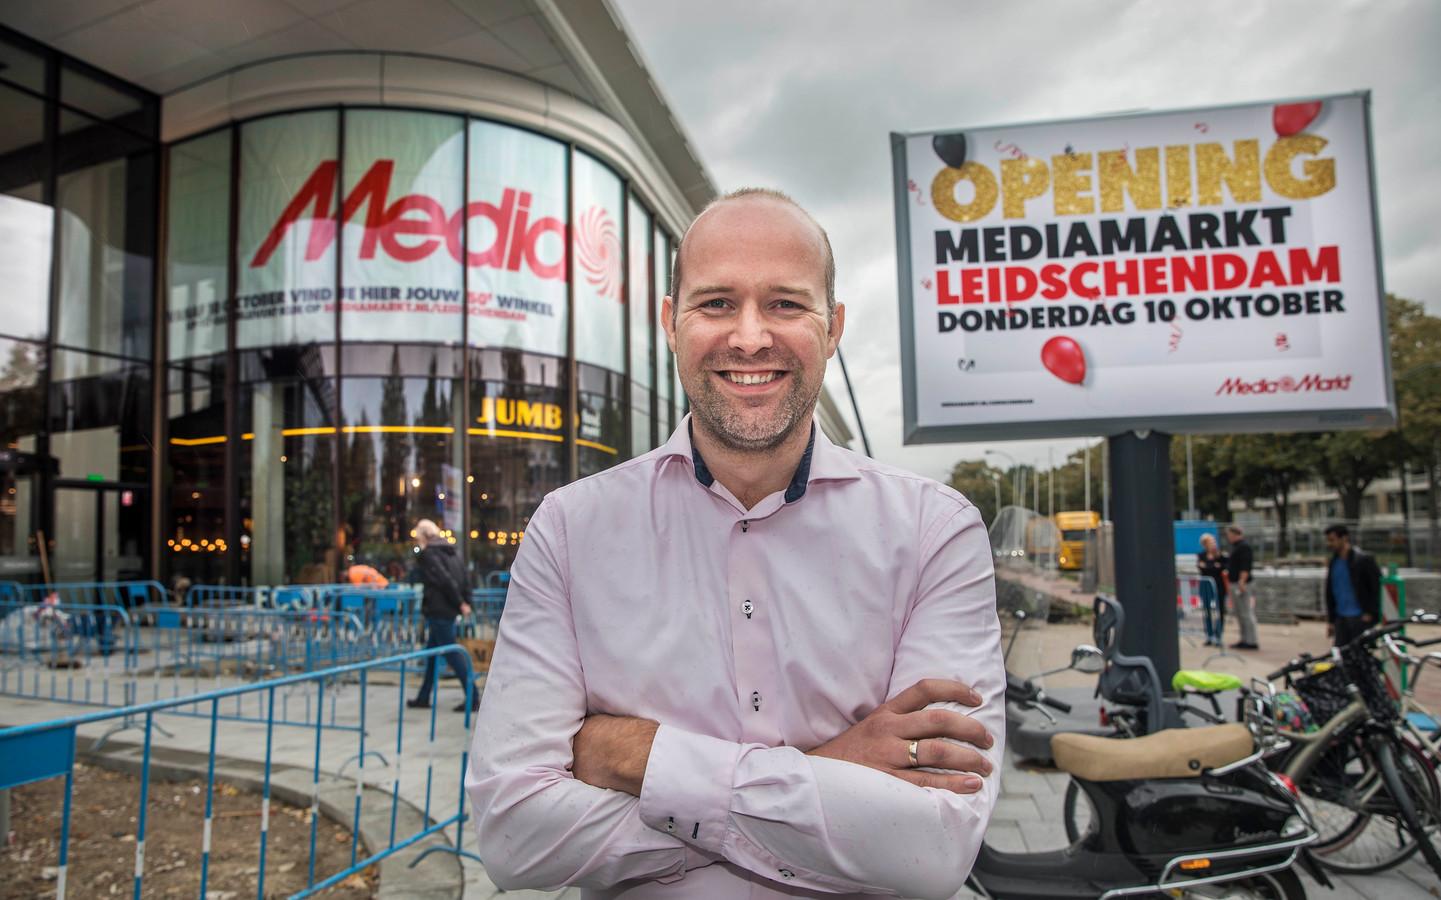 Paddy van den Berg, filiaalmanager van de 50ste MediaMarkt in de Mall of the Netherlands in Leidschendam, is zelf gaan flyeren in het winkelcentrum om personeel te werven. Het leverde direct vervolggesprekken op.